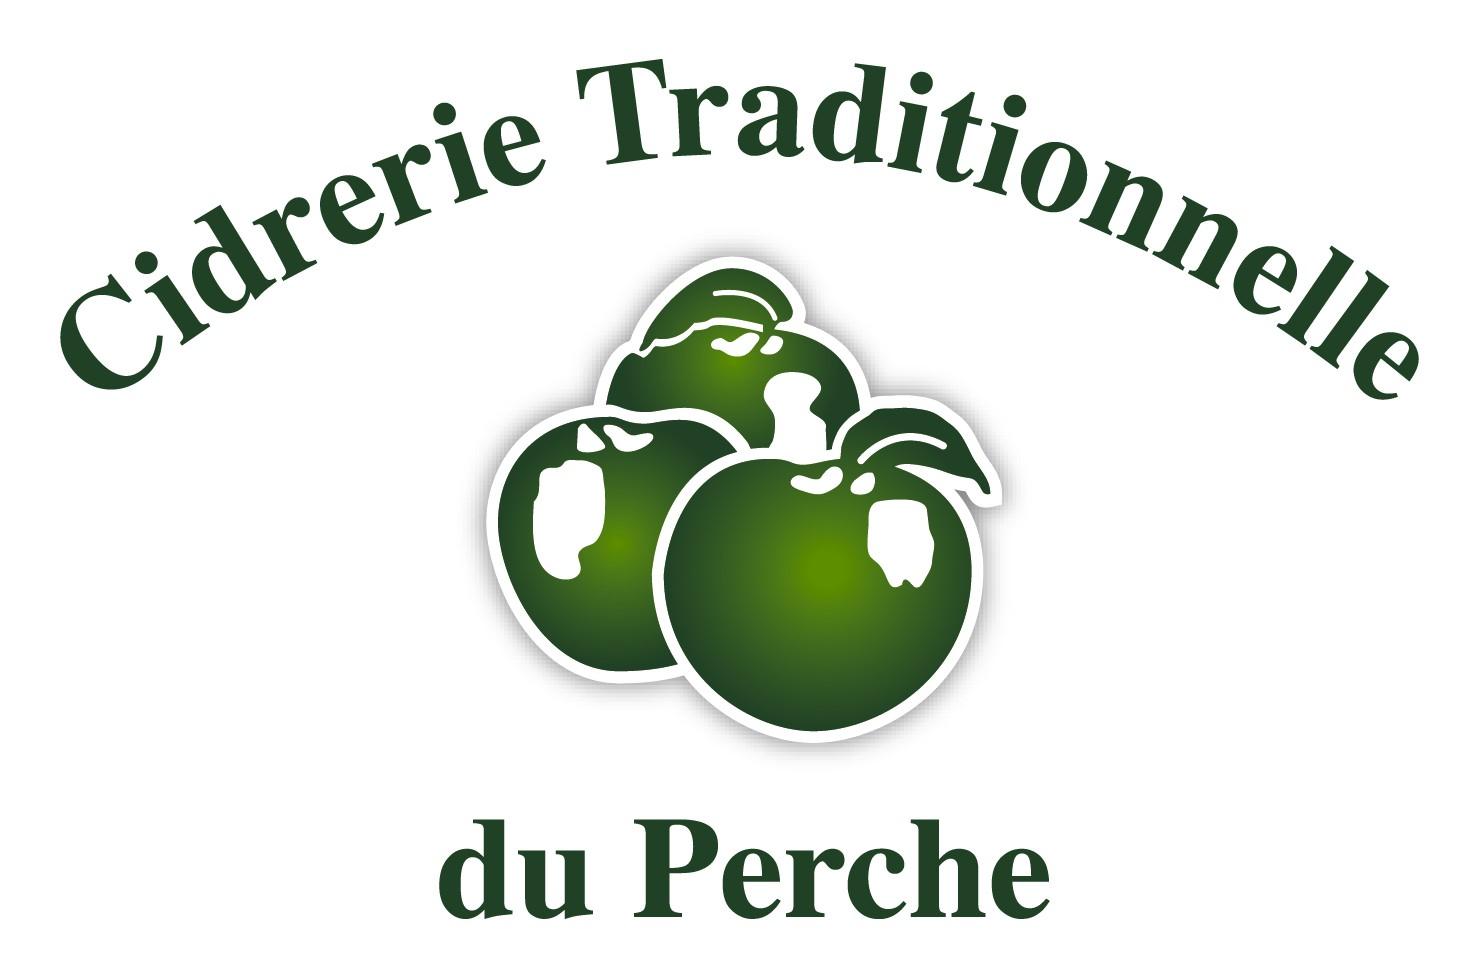 L'Hermitière Cidrerie Traditionnelle du Perche